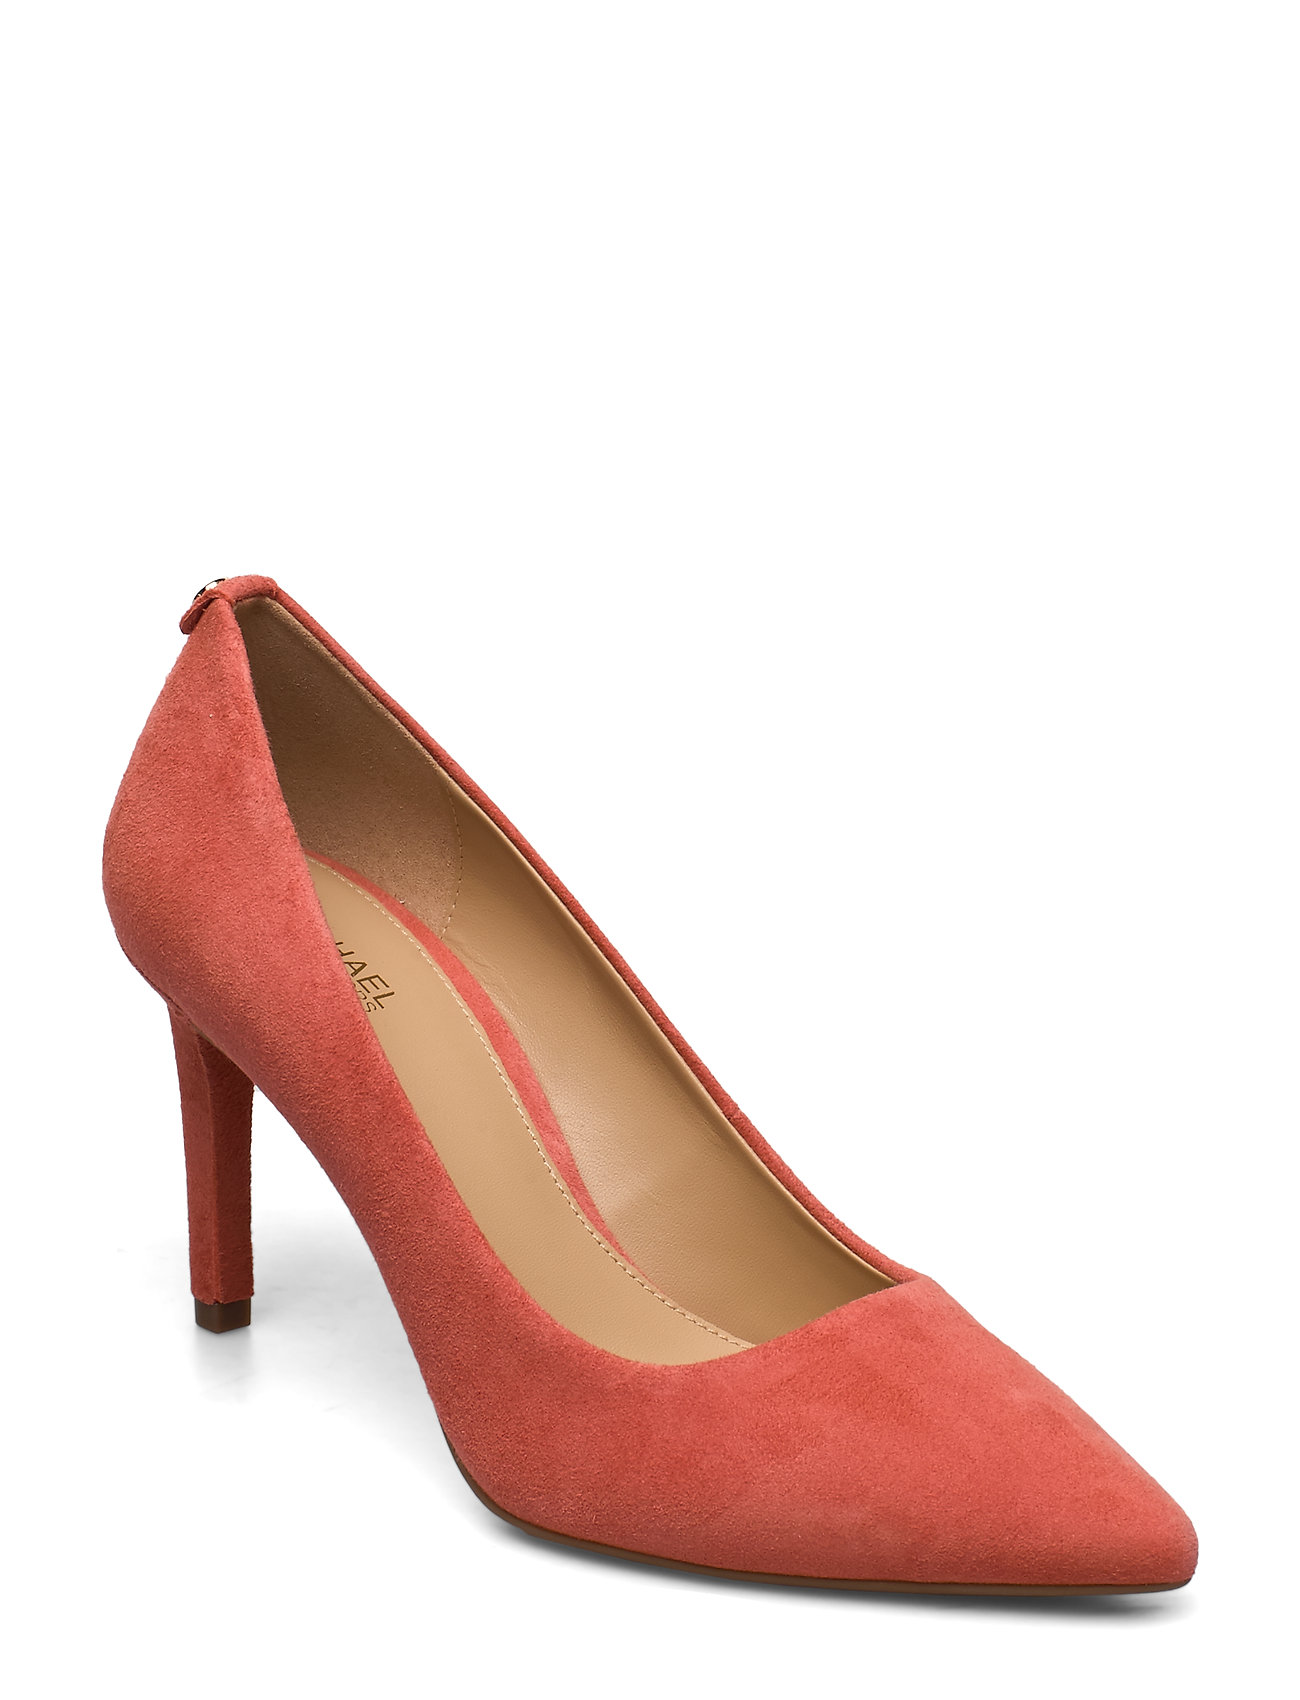 Michael Kors Shoes DOROTHY FLEX PUMP - PNKGRAPFRUIT